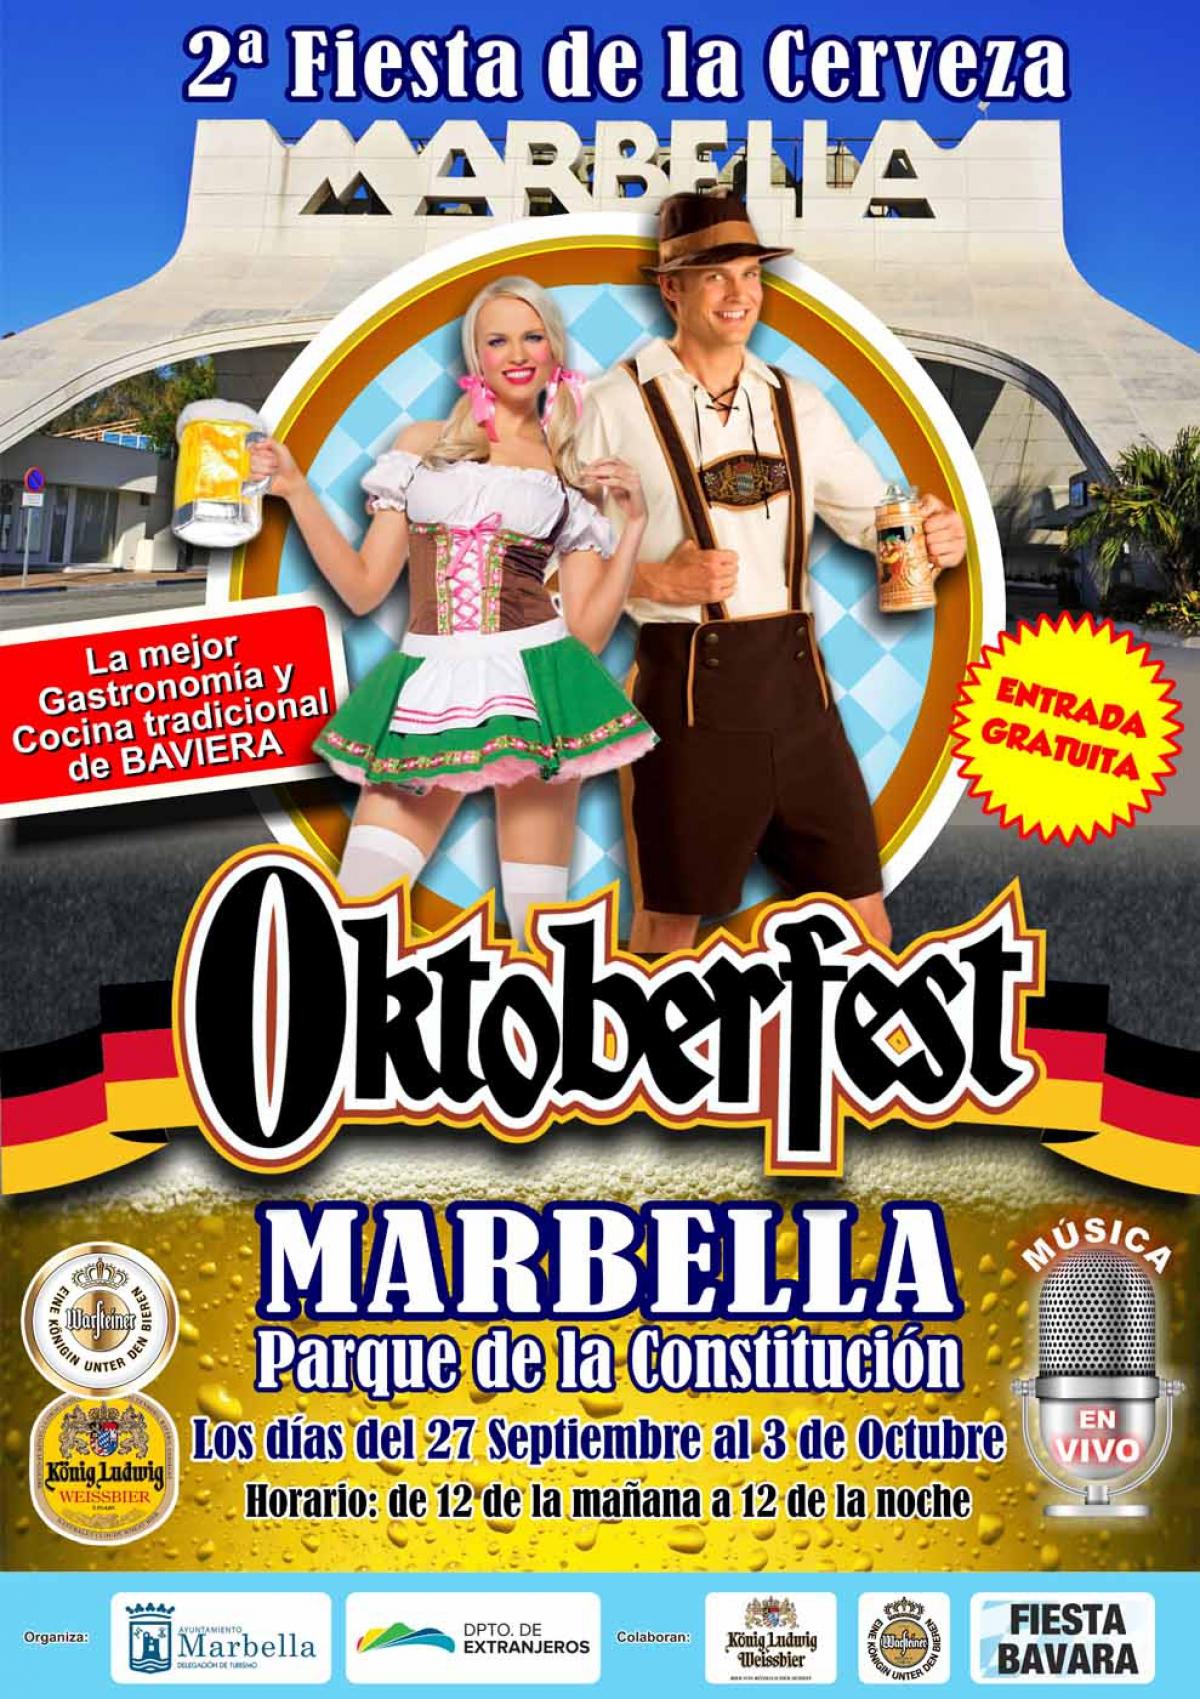 El Parque de la Constitución acoge mañana la inauguración de la fiesta Oktoberfest, que se prolongará hasta el 3 de octubre